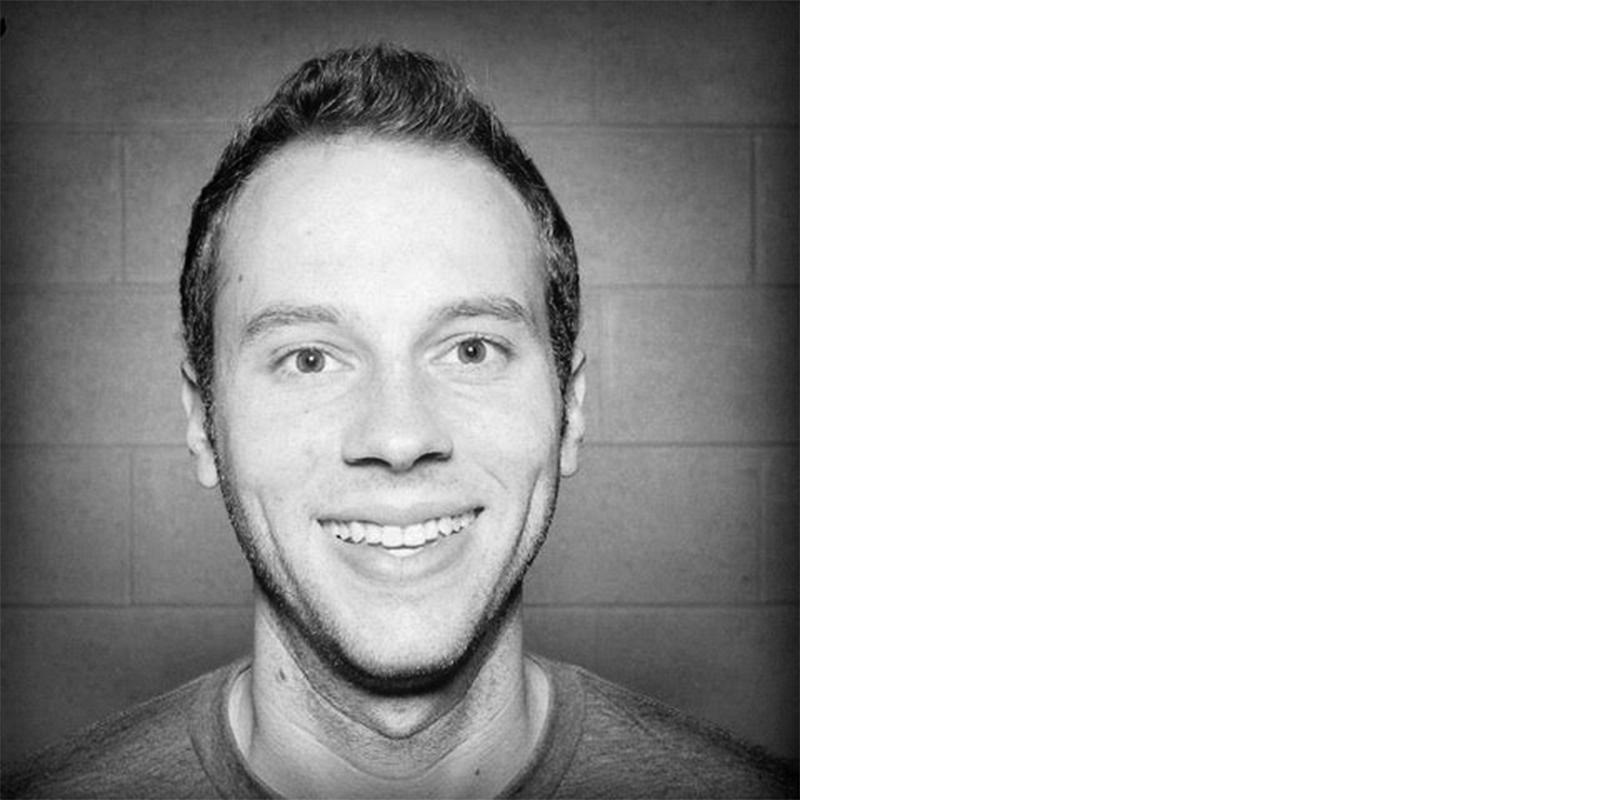 Aaron Epstein's headshot